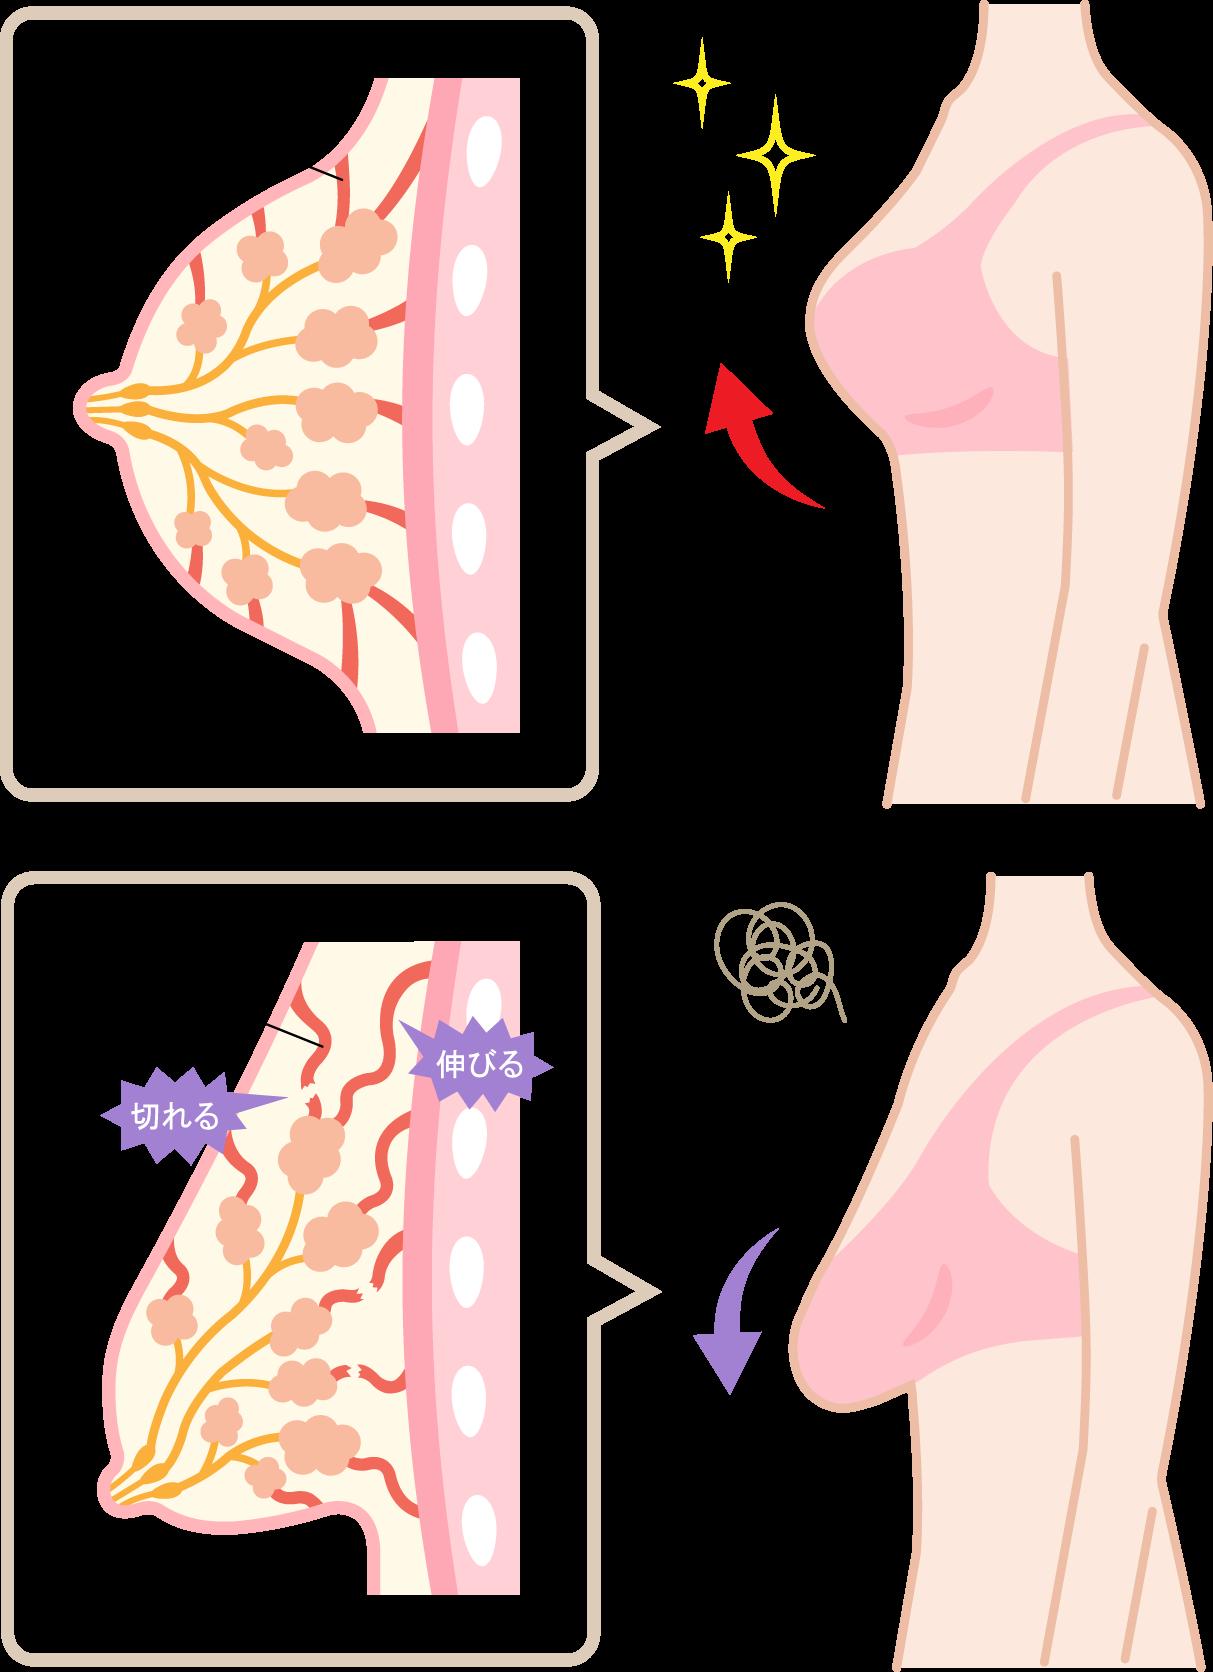 産後のおすすめナイトブラランキング